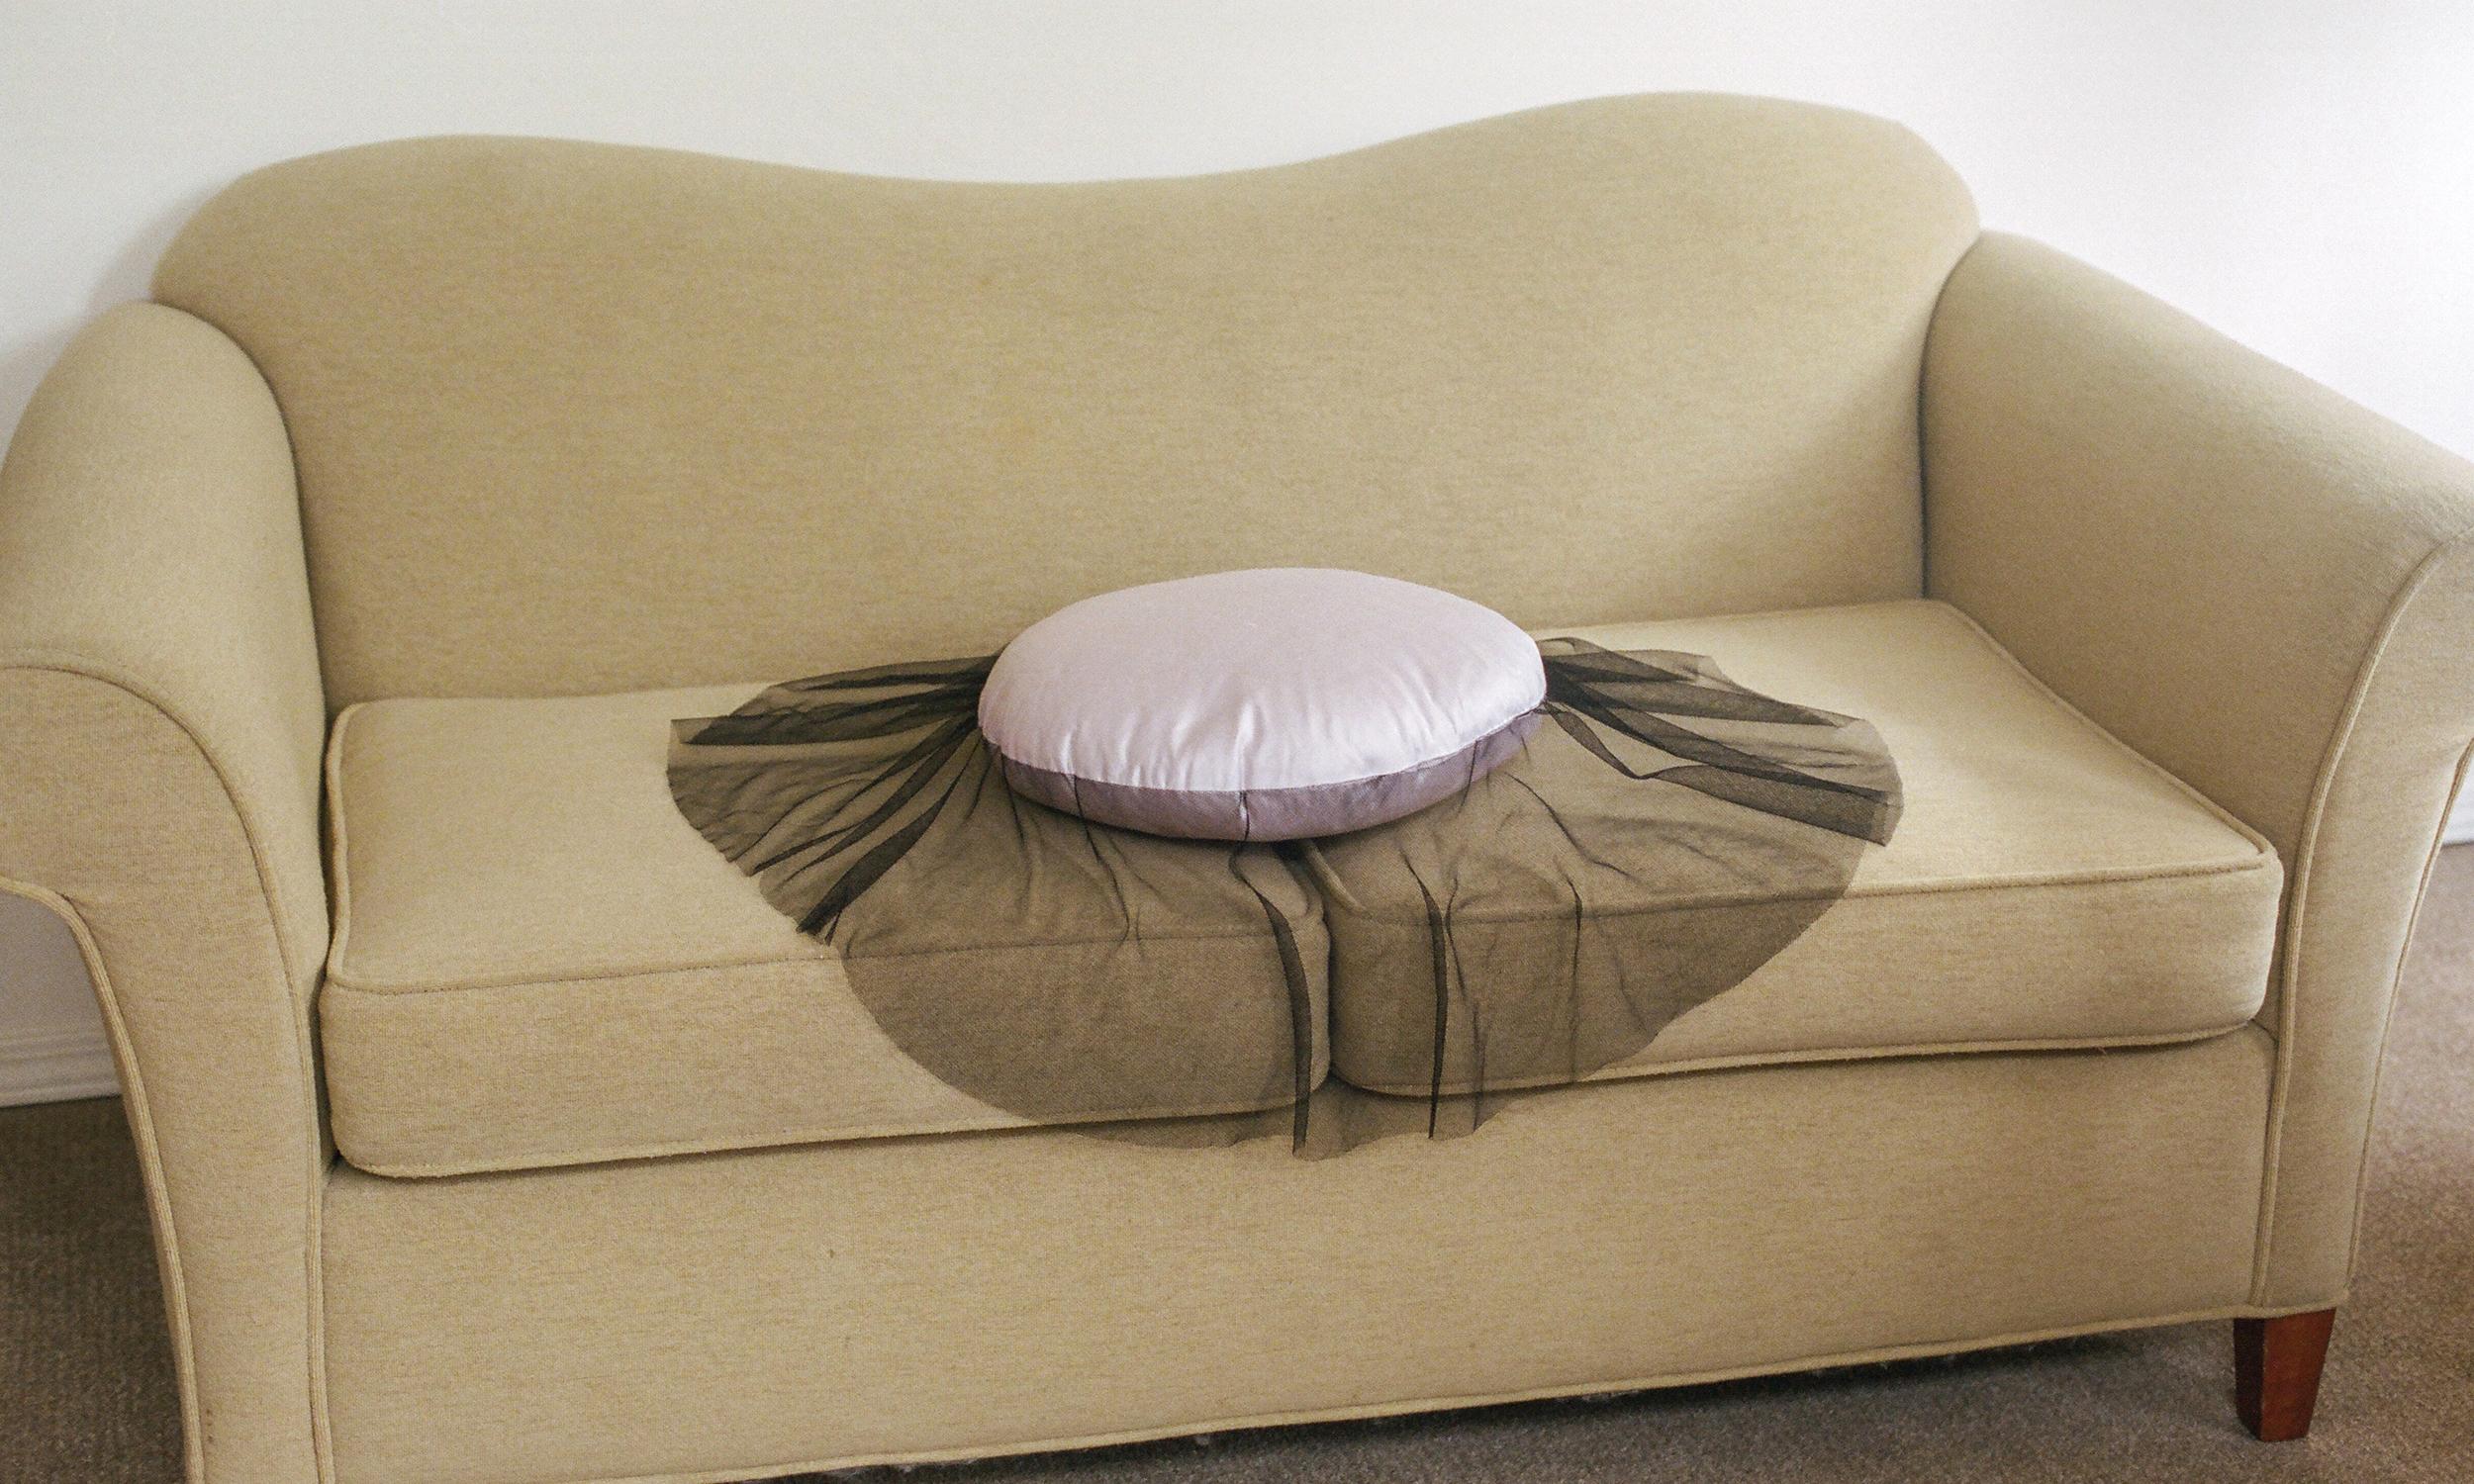 skirt.couch.full.final.jpg